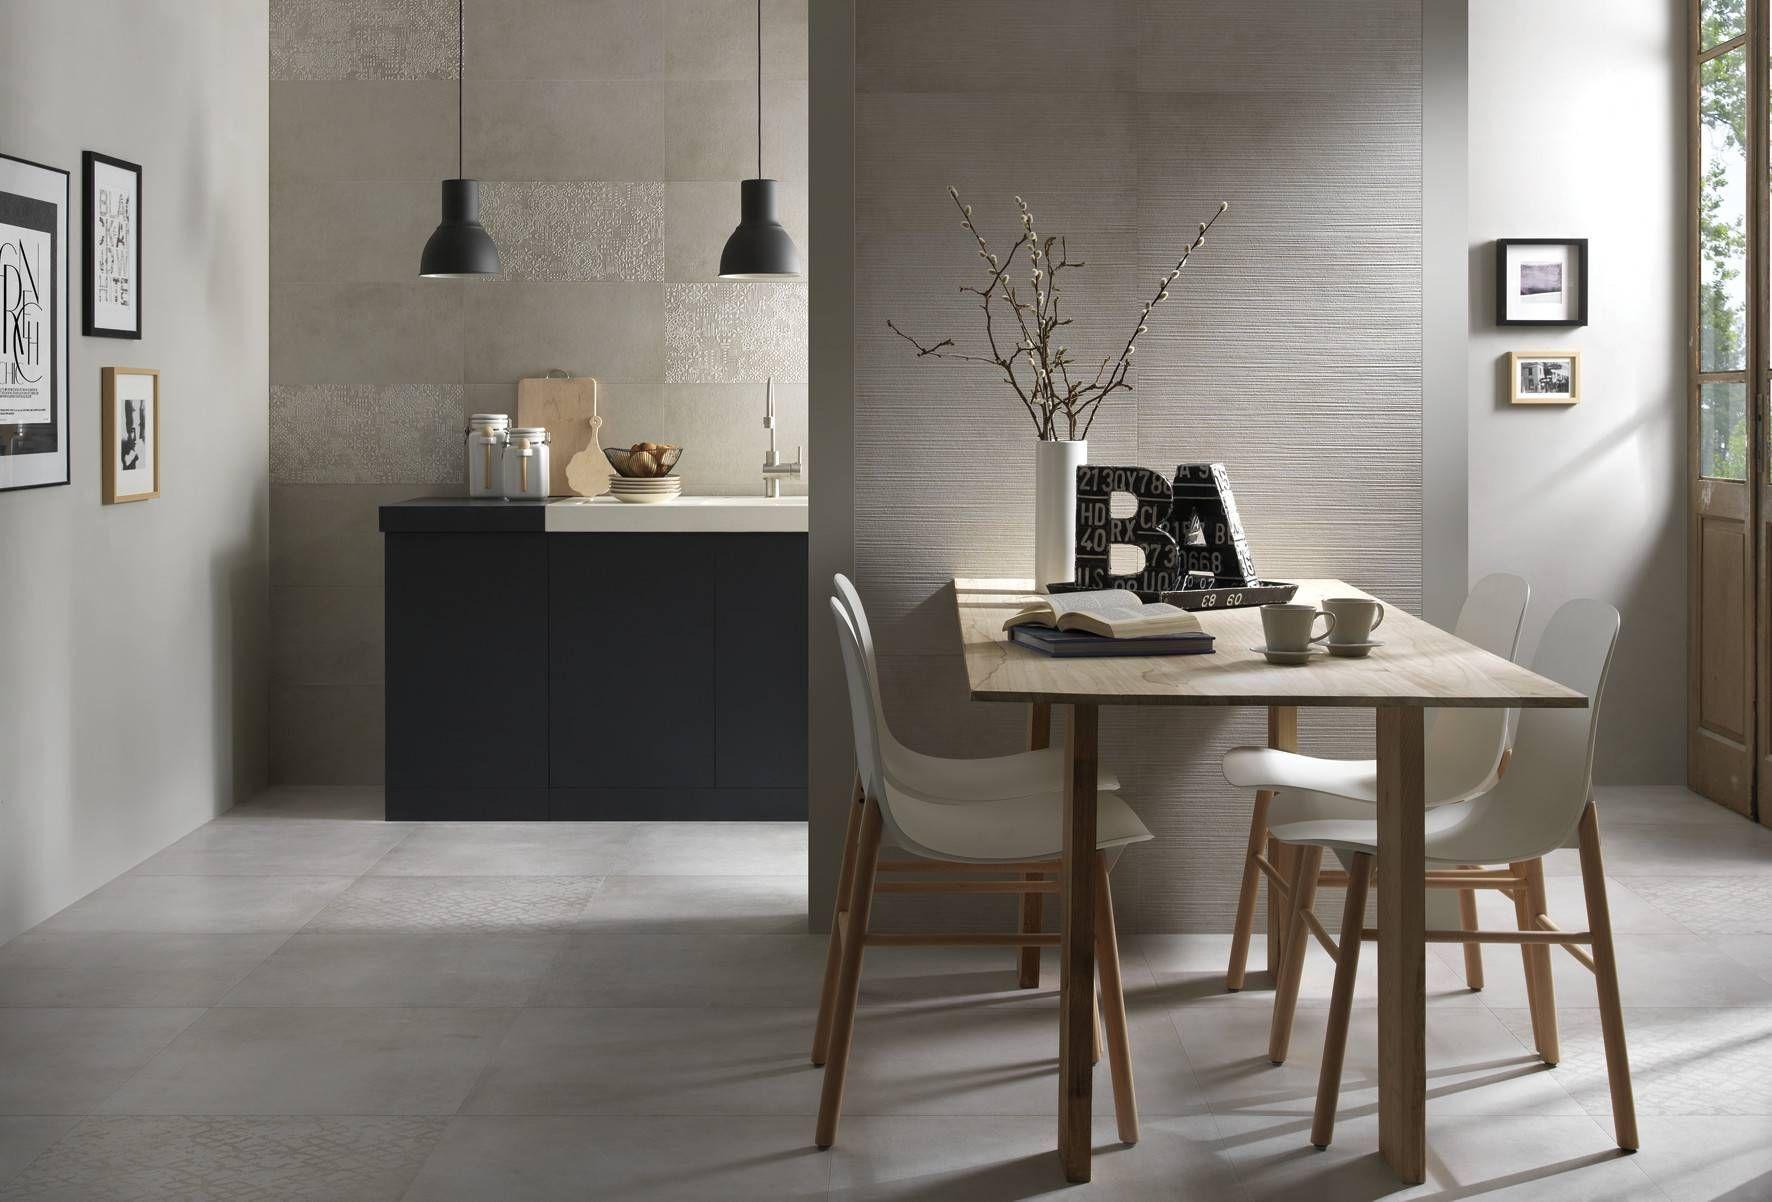 In questa ambientazione una cucina moderna e minimale, dalle linee ...